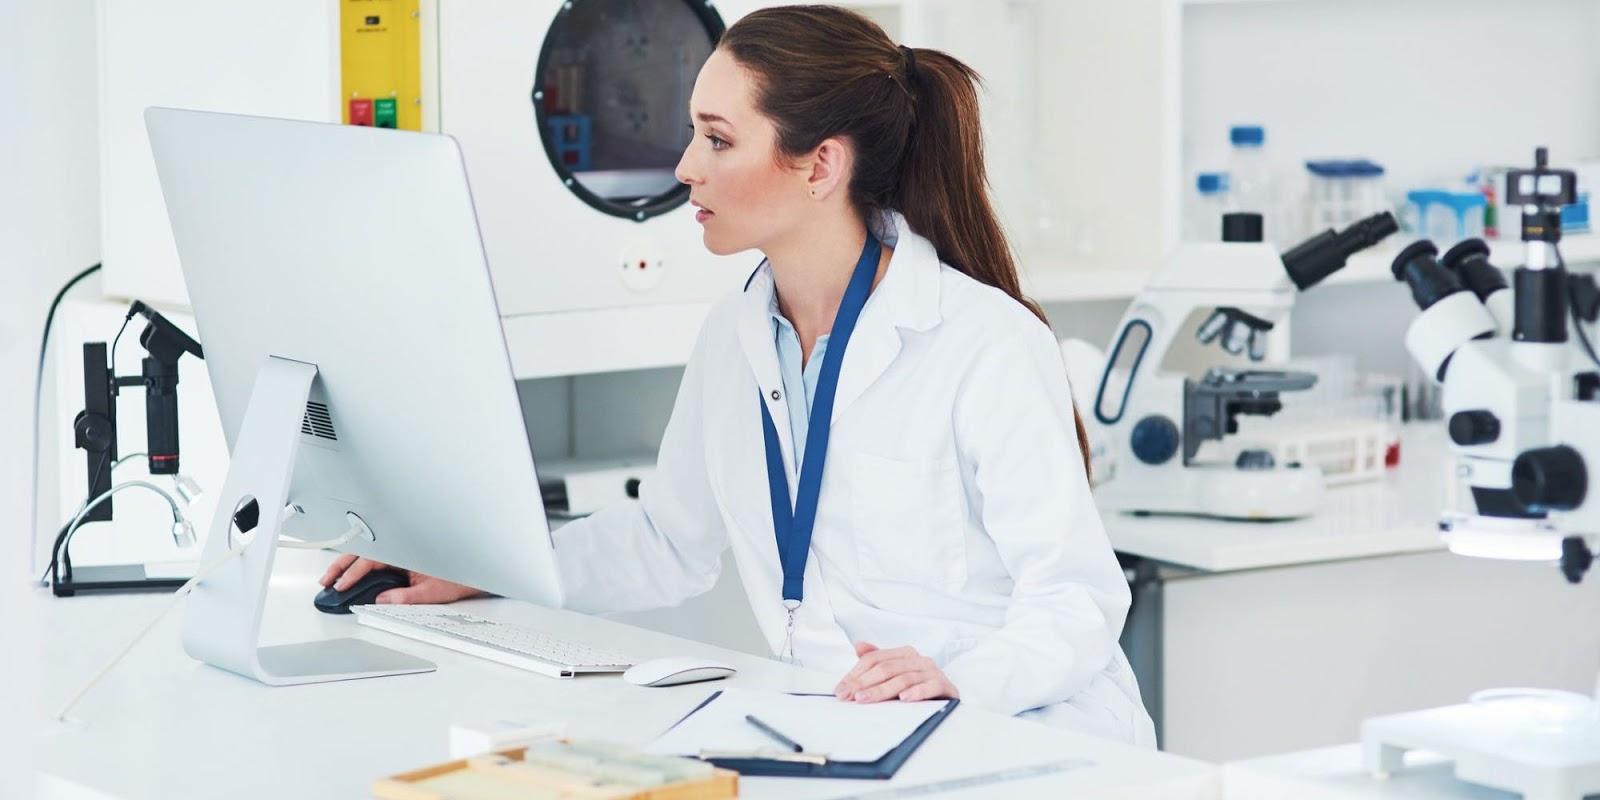 Uma mulher de jaleco branco, está sentada na frente de um computador. Atrás dela, vemos microscópios e equipamentos laboratoriais.